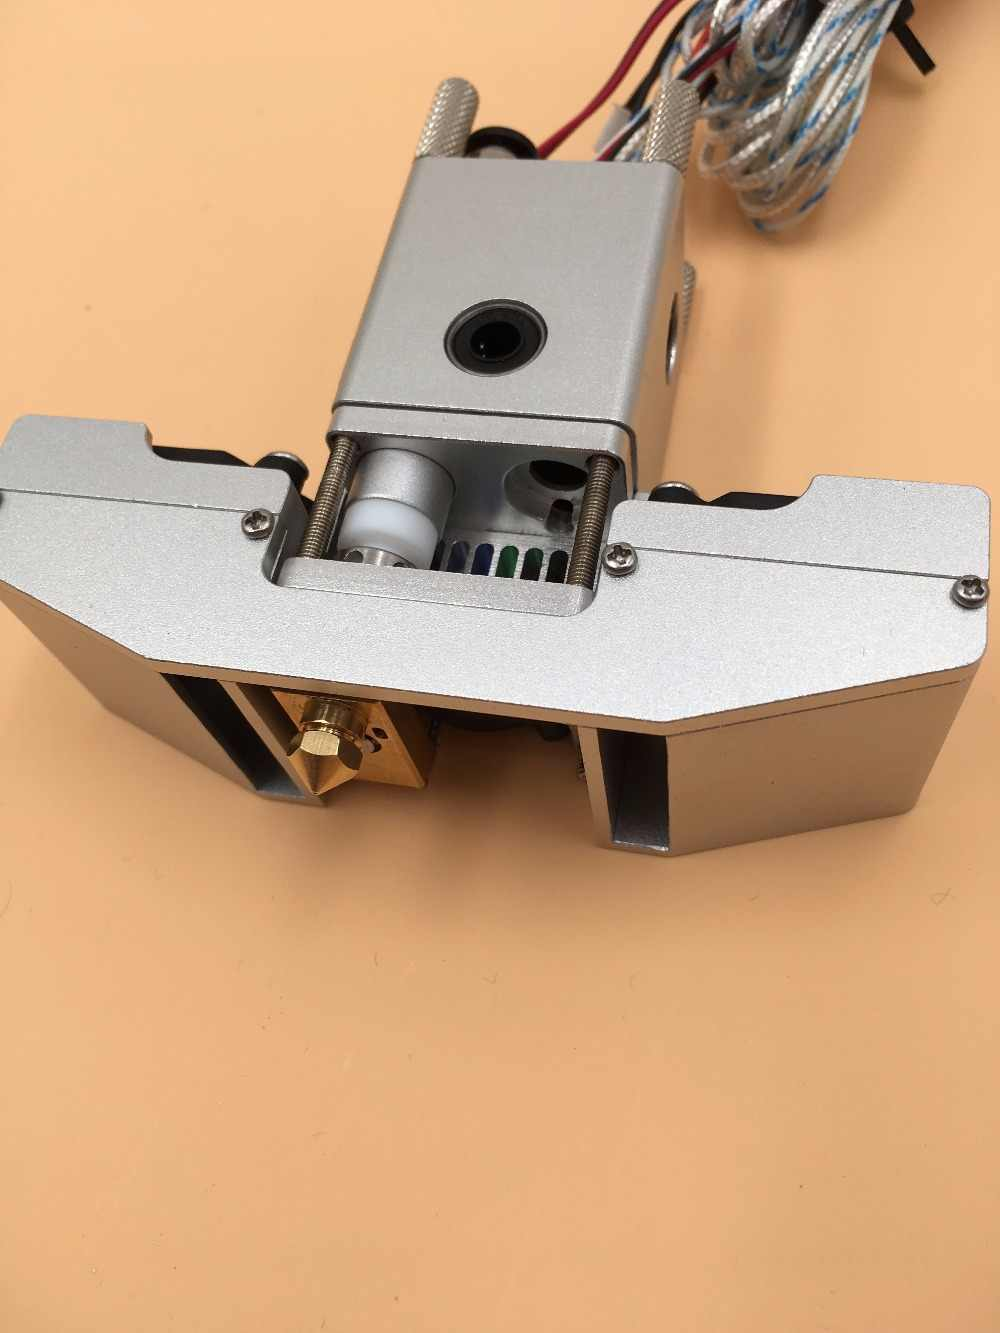 Ultimaker 2 + 3D Printer Panas Akhir Penuh Kit Aluminium Penuh Dibuat, 1.75/3 Mm Olsson Blok dan Nozzle PT100 Sensor dan Cartridge Heater